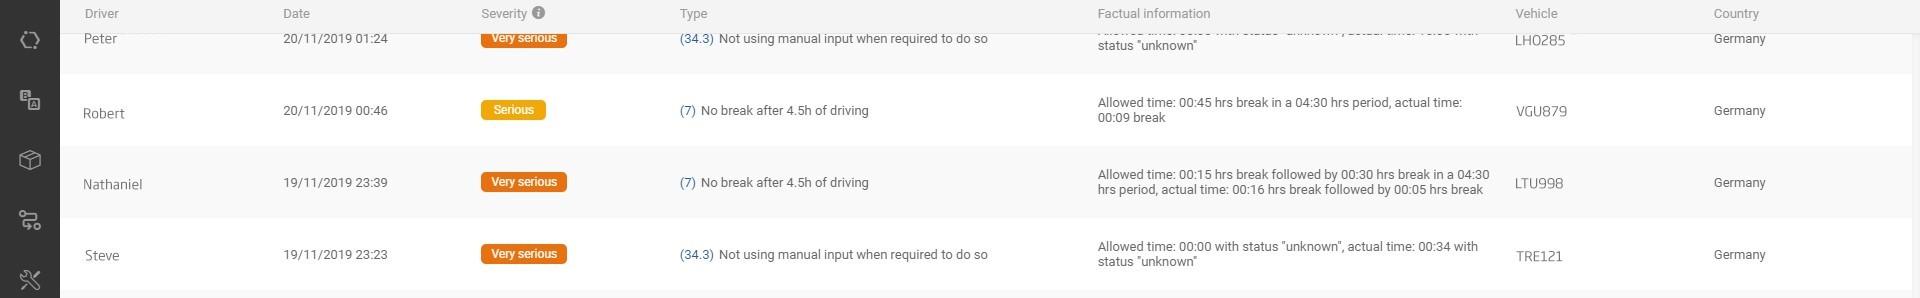 Naruszenia czasów prowadzenia pojazdu